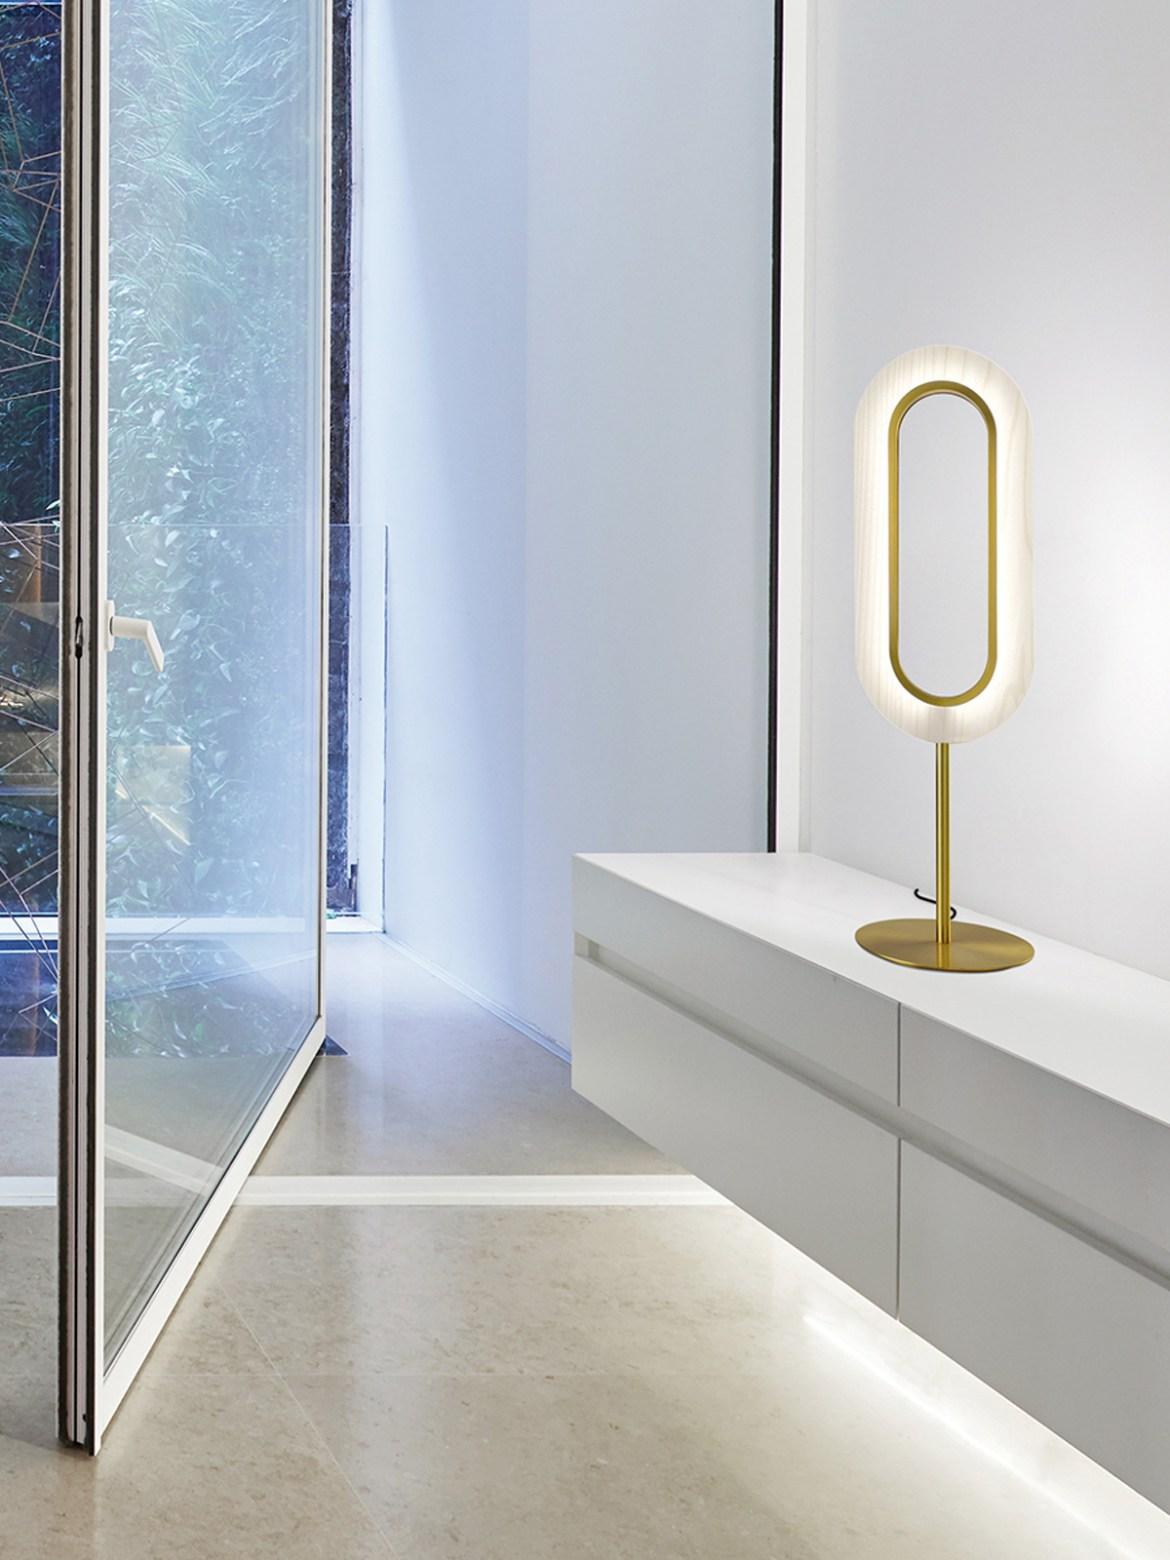 DesignOrt Blog: Neue Leuchten von LZF Lamps Lens Oval Gold